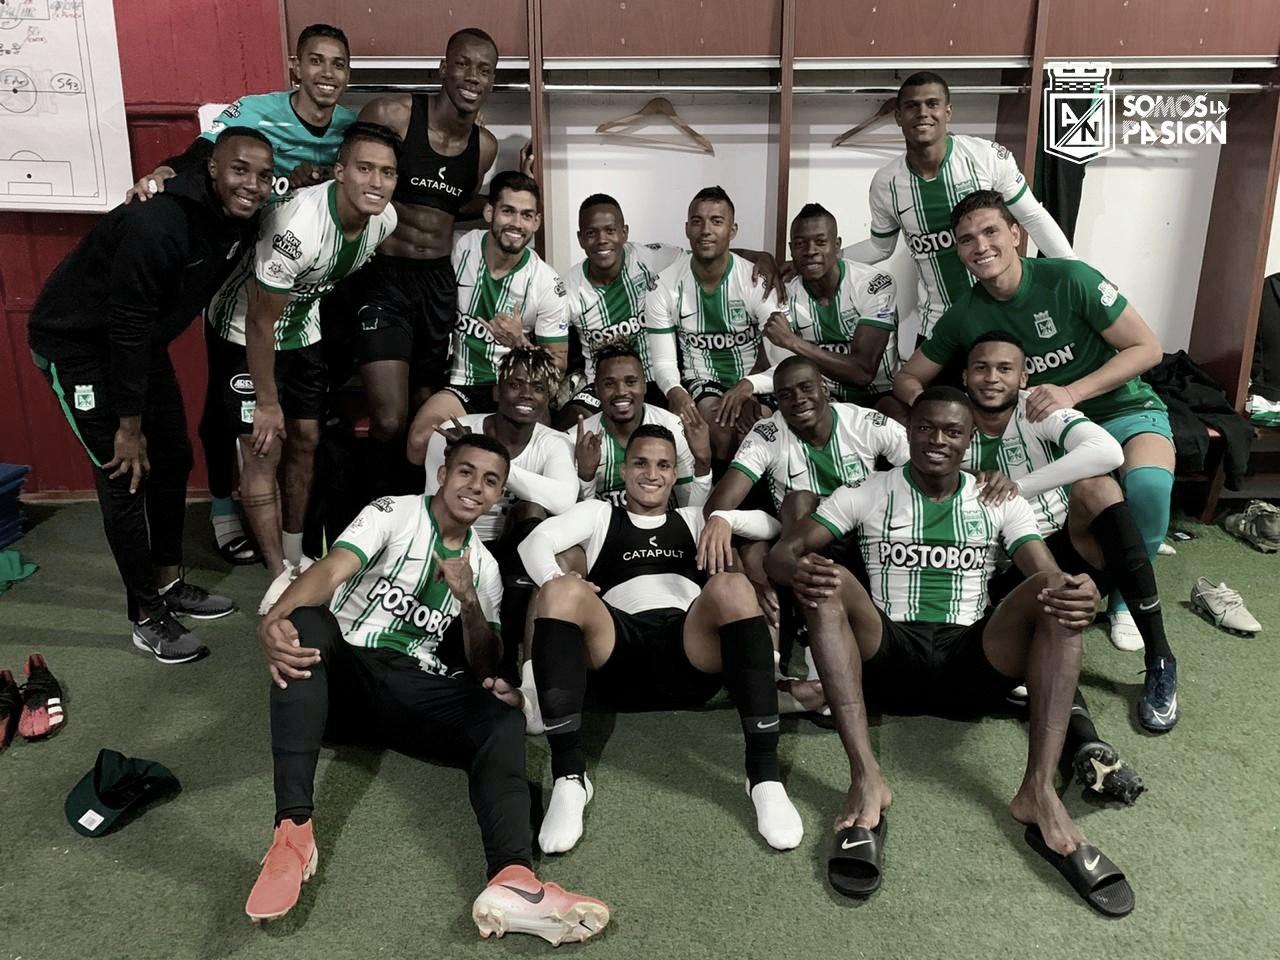 El arte de atacar: Atlético Nacional fue contundente y goleó a Boyacá Chicó